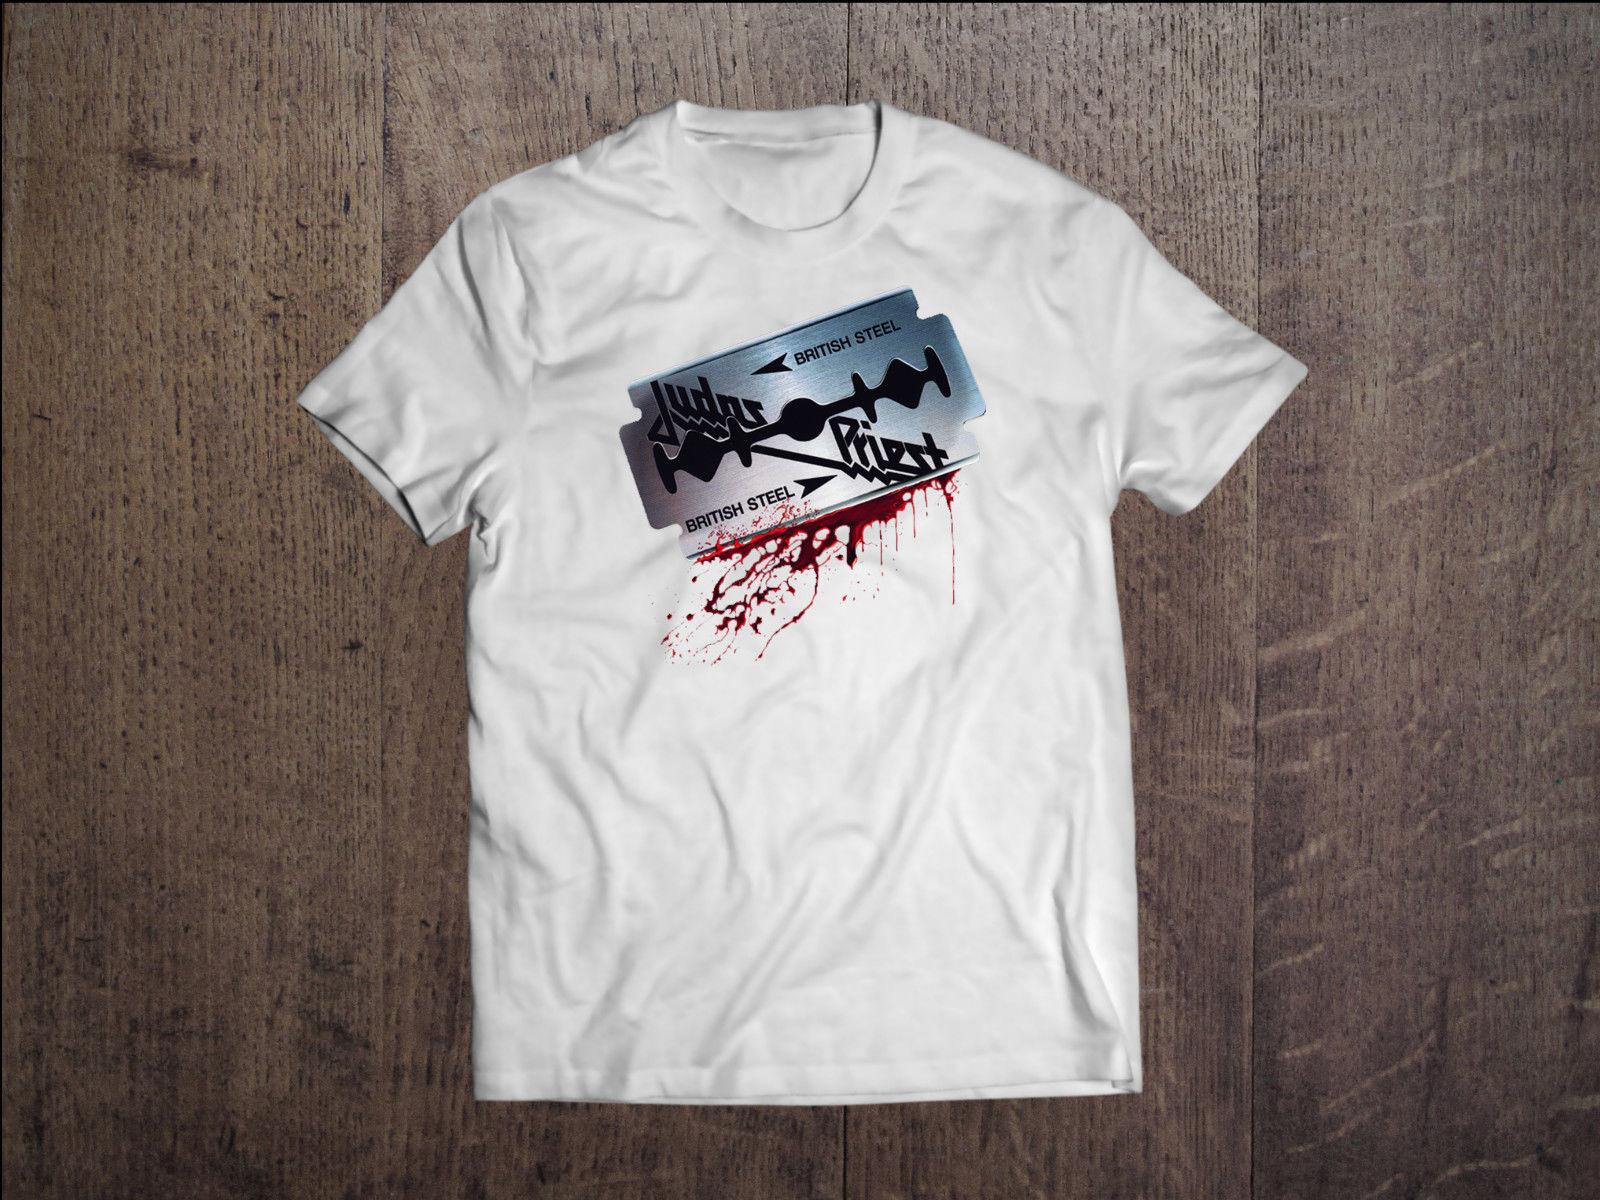 Camiseta blanca de hombre de acero británico Judas Priest, camiseta de heavy metal con estampado de S-XXL de tamaño, camisetas de estilo veraniego para hombres